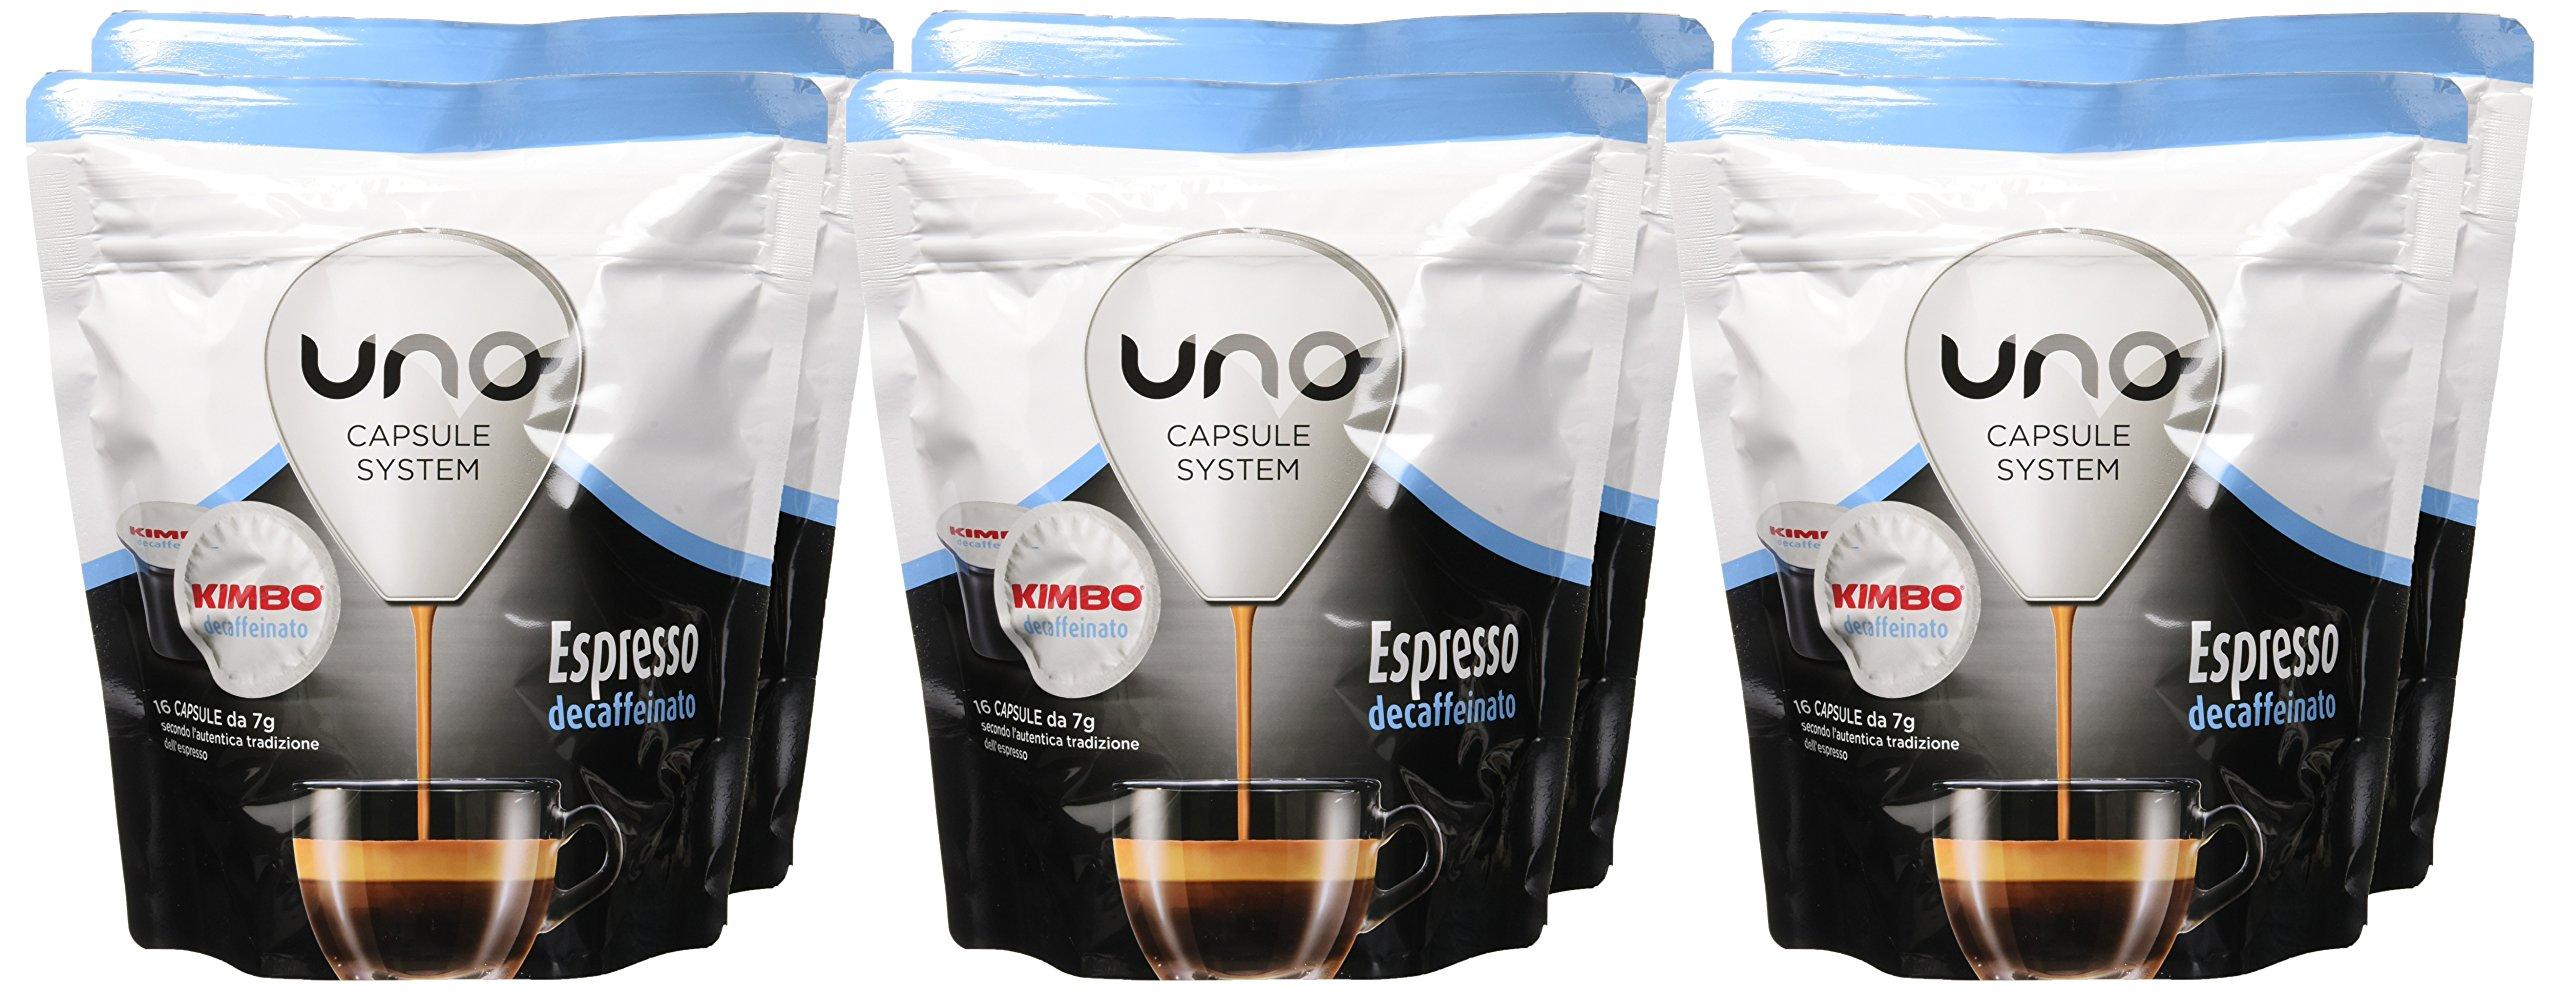 Kimbo Capsule di Caffè Espresso Decaffeinato (Deca), Kimbo UNO System, 6 Pacchi da 16 Capsule (Totale 96 Capsule) 2 spesavip